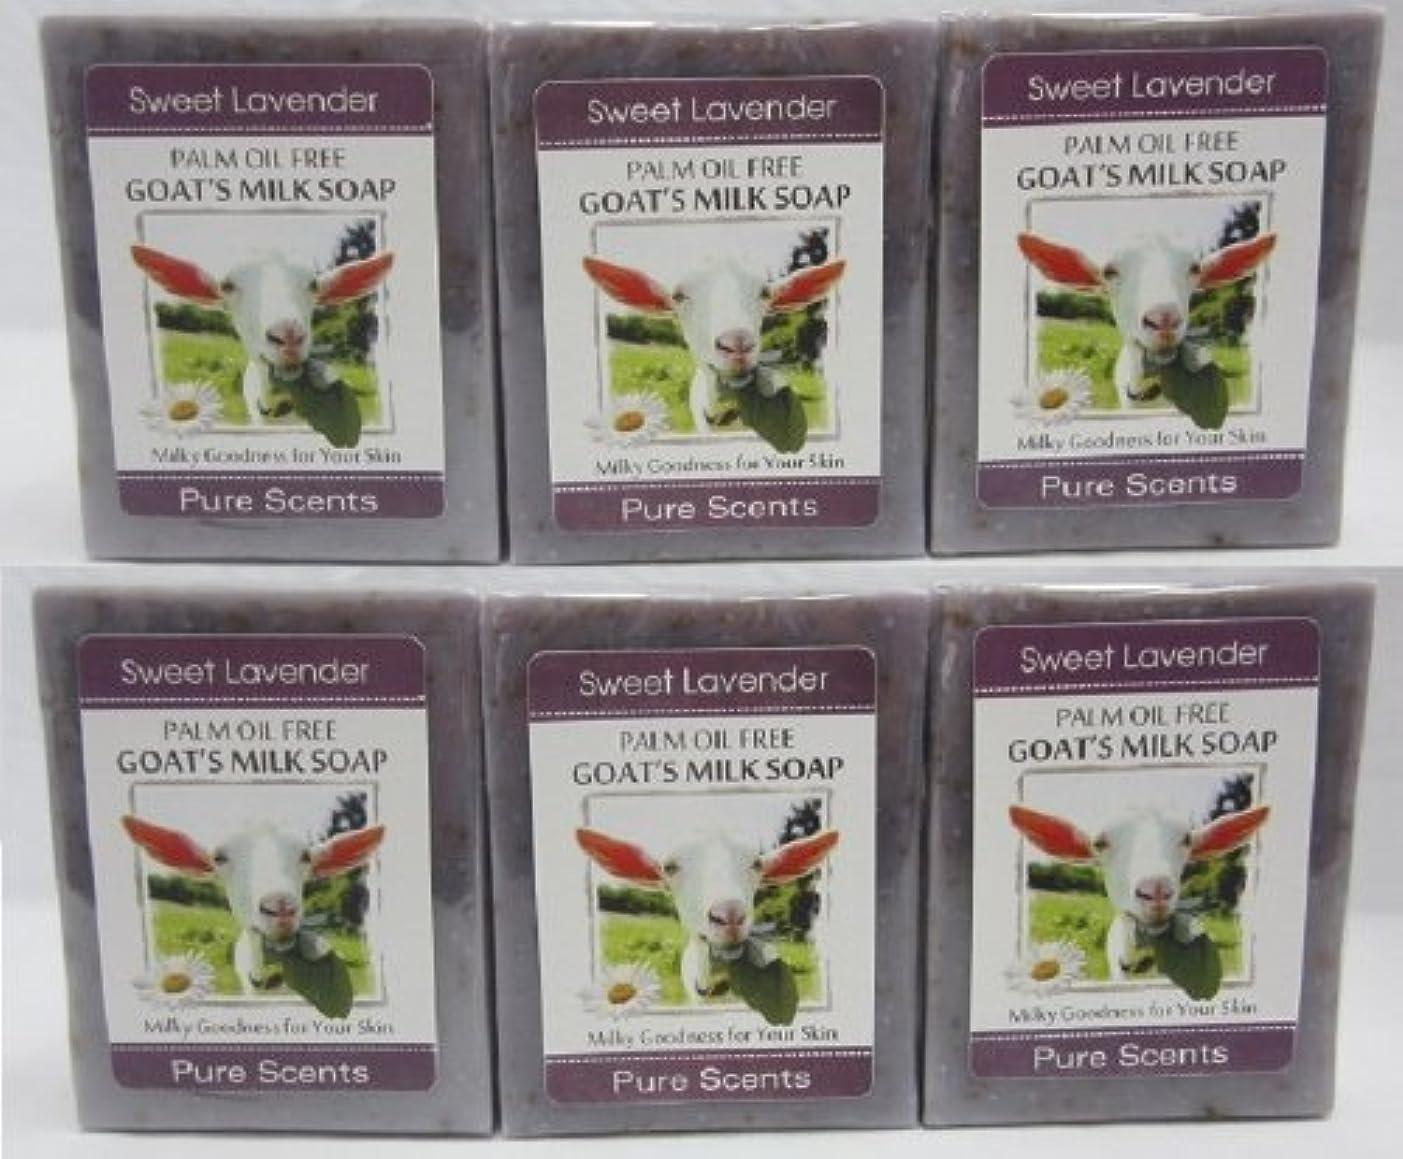 ワーディアンケース地中海稼ぐ【Pure Scents】Goat's Milk Soap ヤギのミルクせっけん 6個セット Sweet Lavender スイートラベンダー